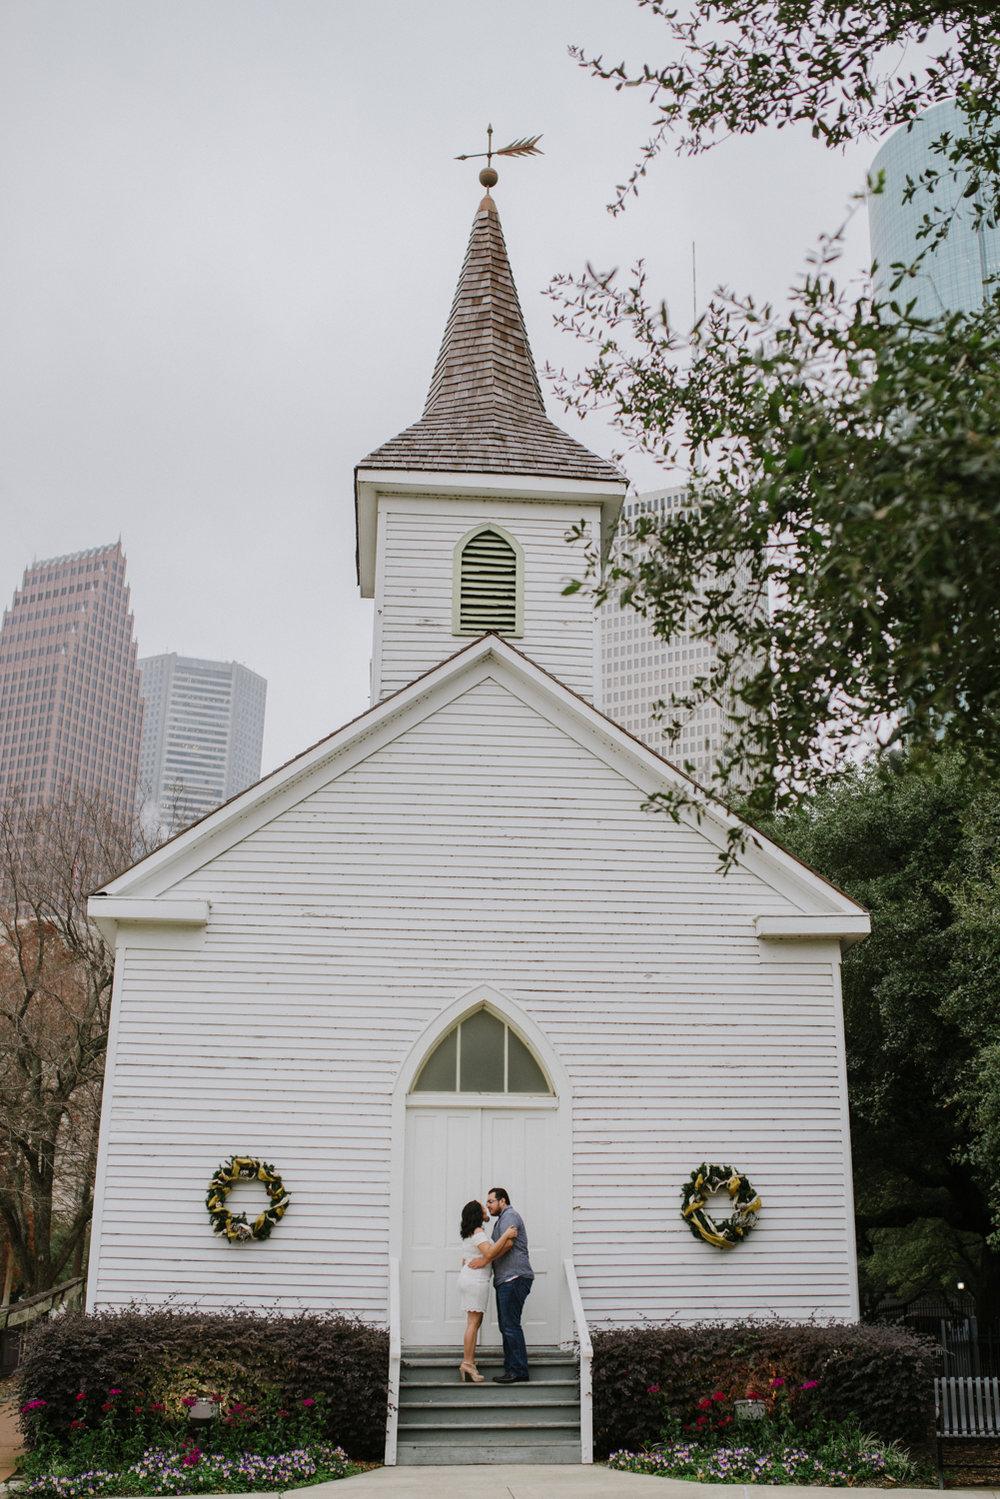 houstonweddings-houstonengagement-texasweddings-elopements-weddingphotography-lostcastrophotography-11.jpg